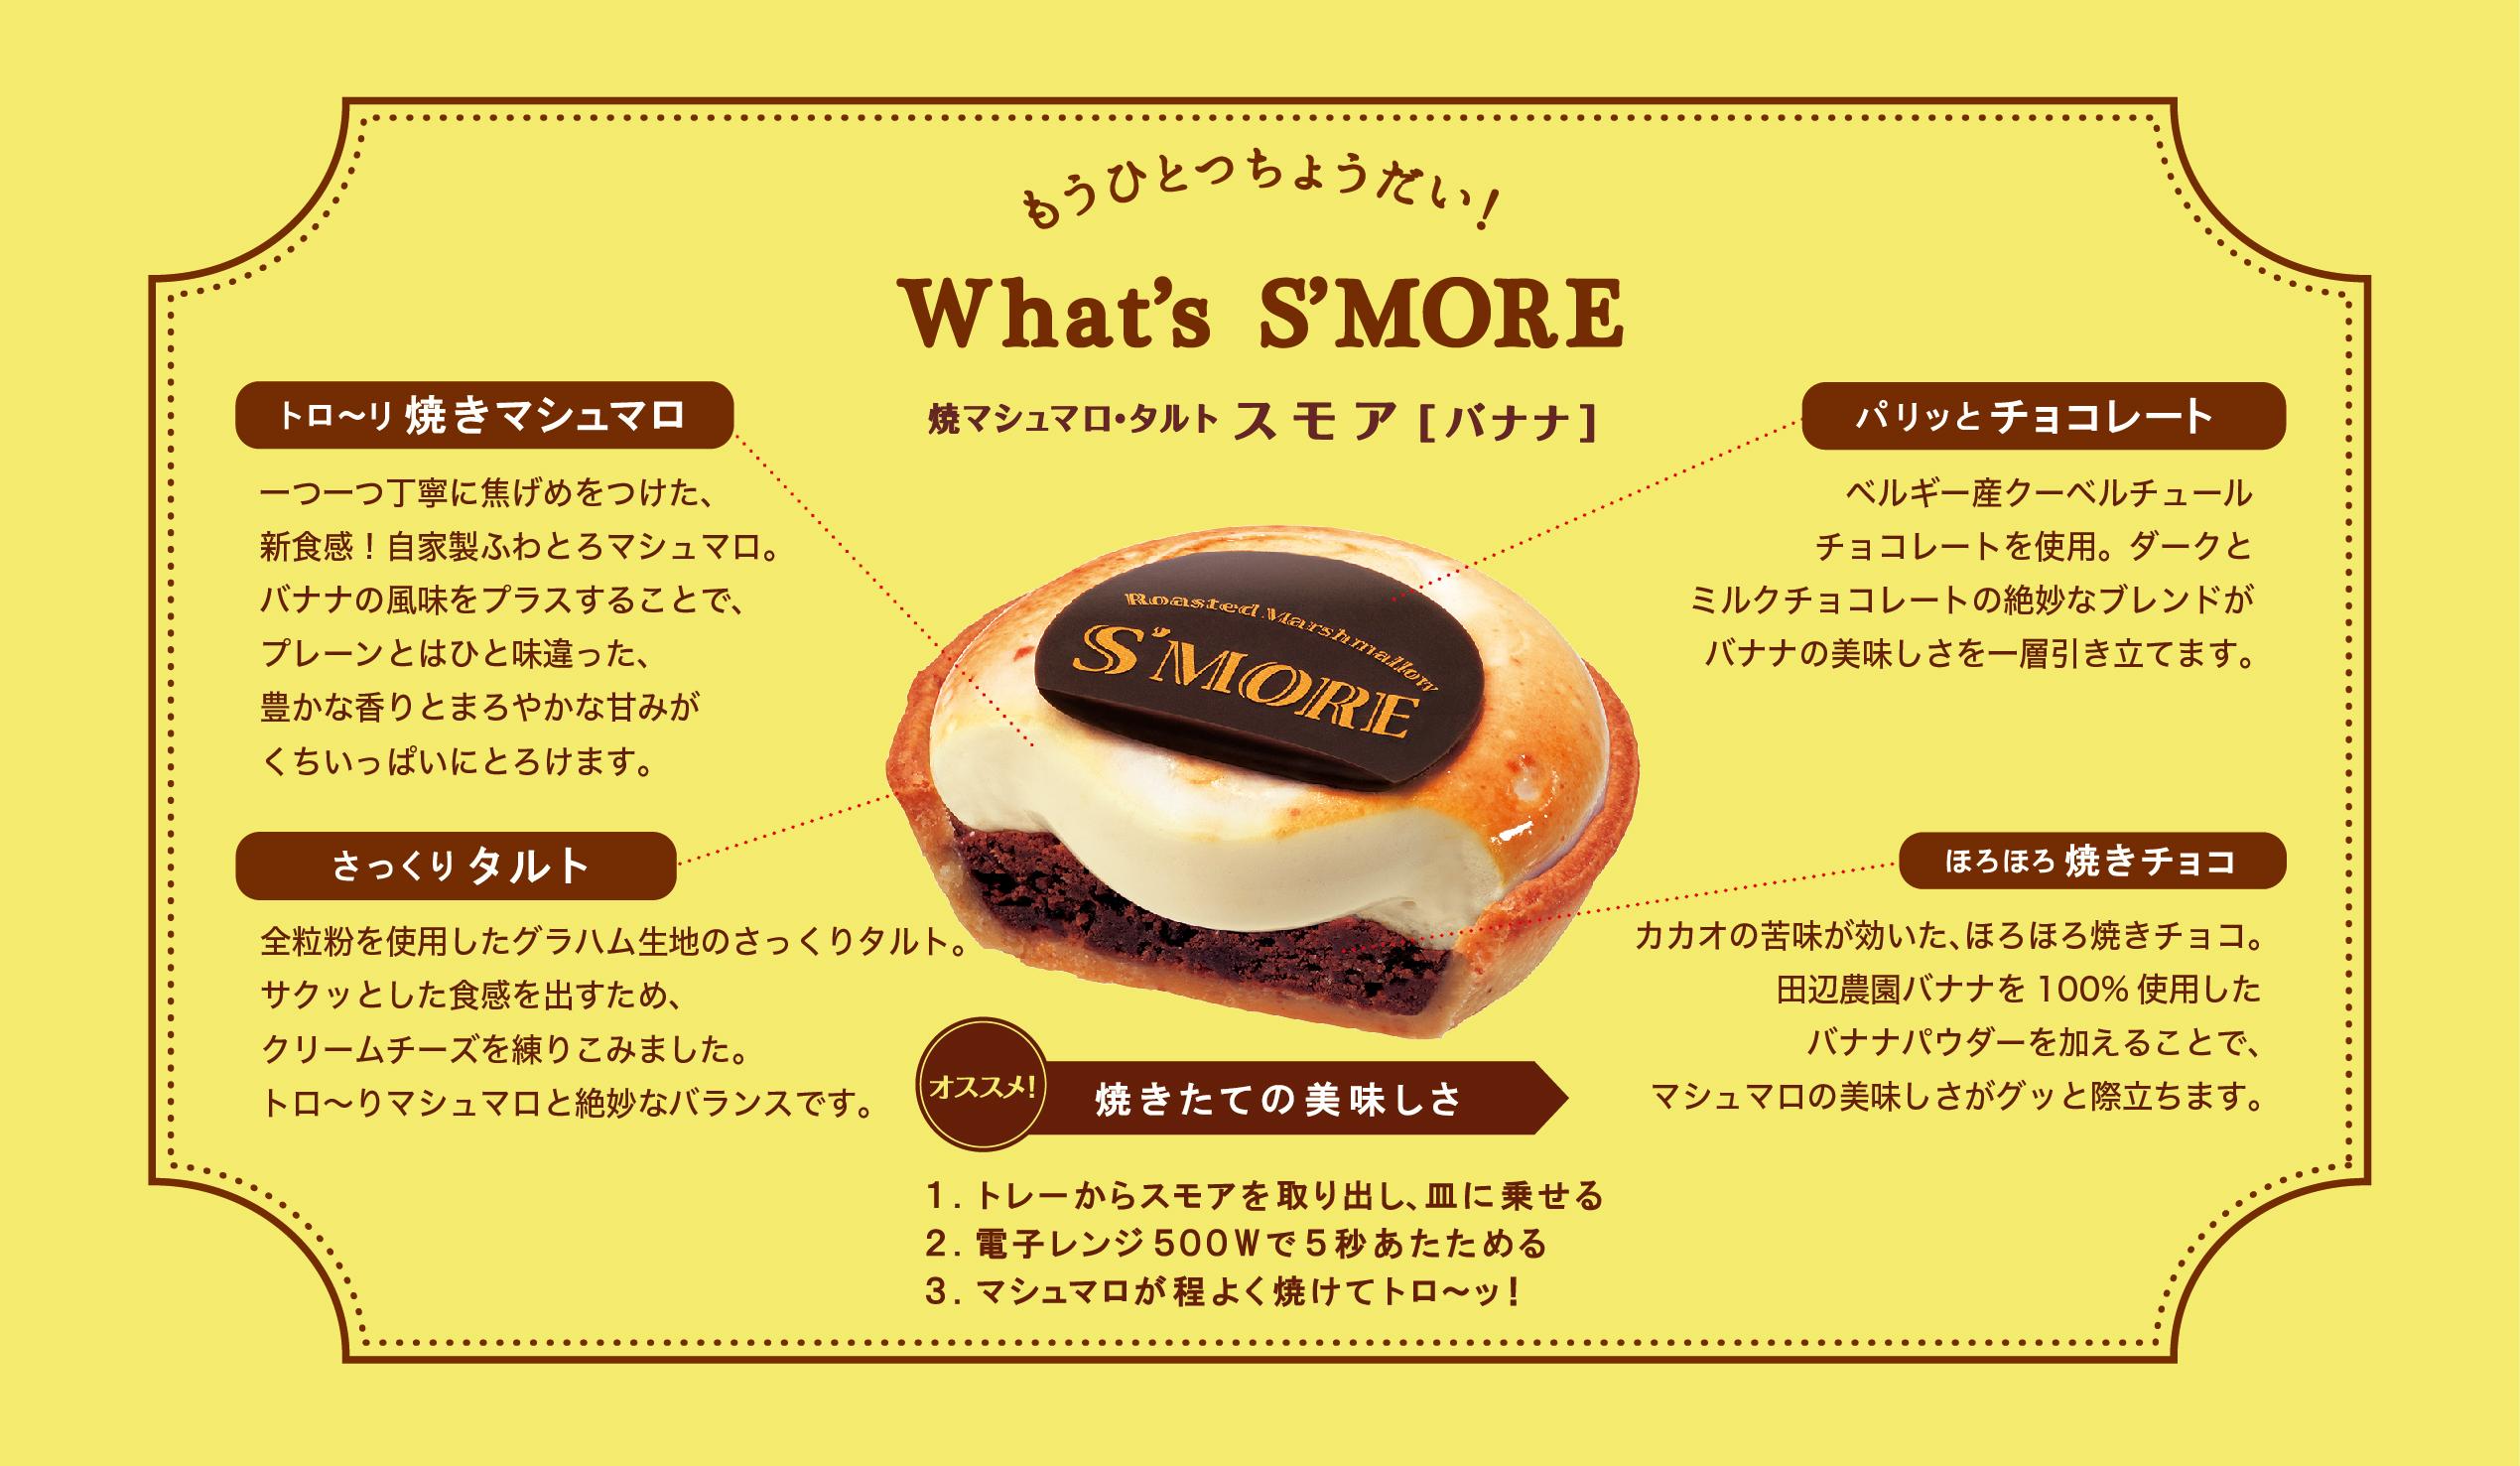 成田空港と羽田空港限定商品、新しい東京土産「焼マシュマロ・タルト スモア」に新しい味が登場!